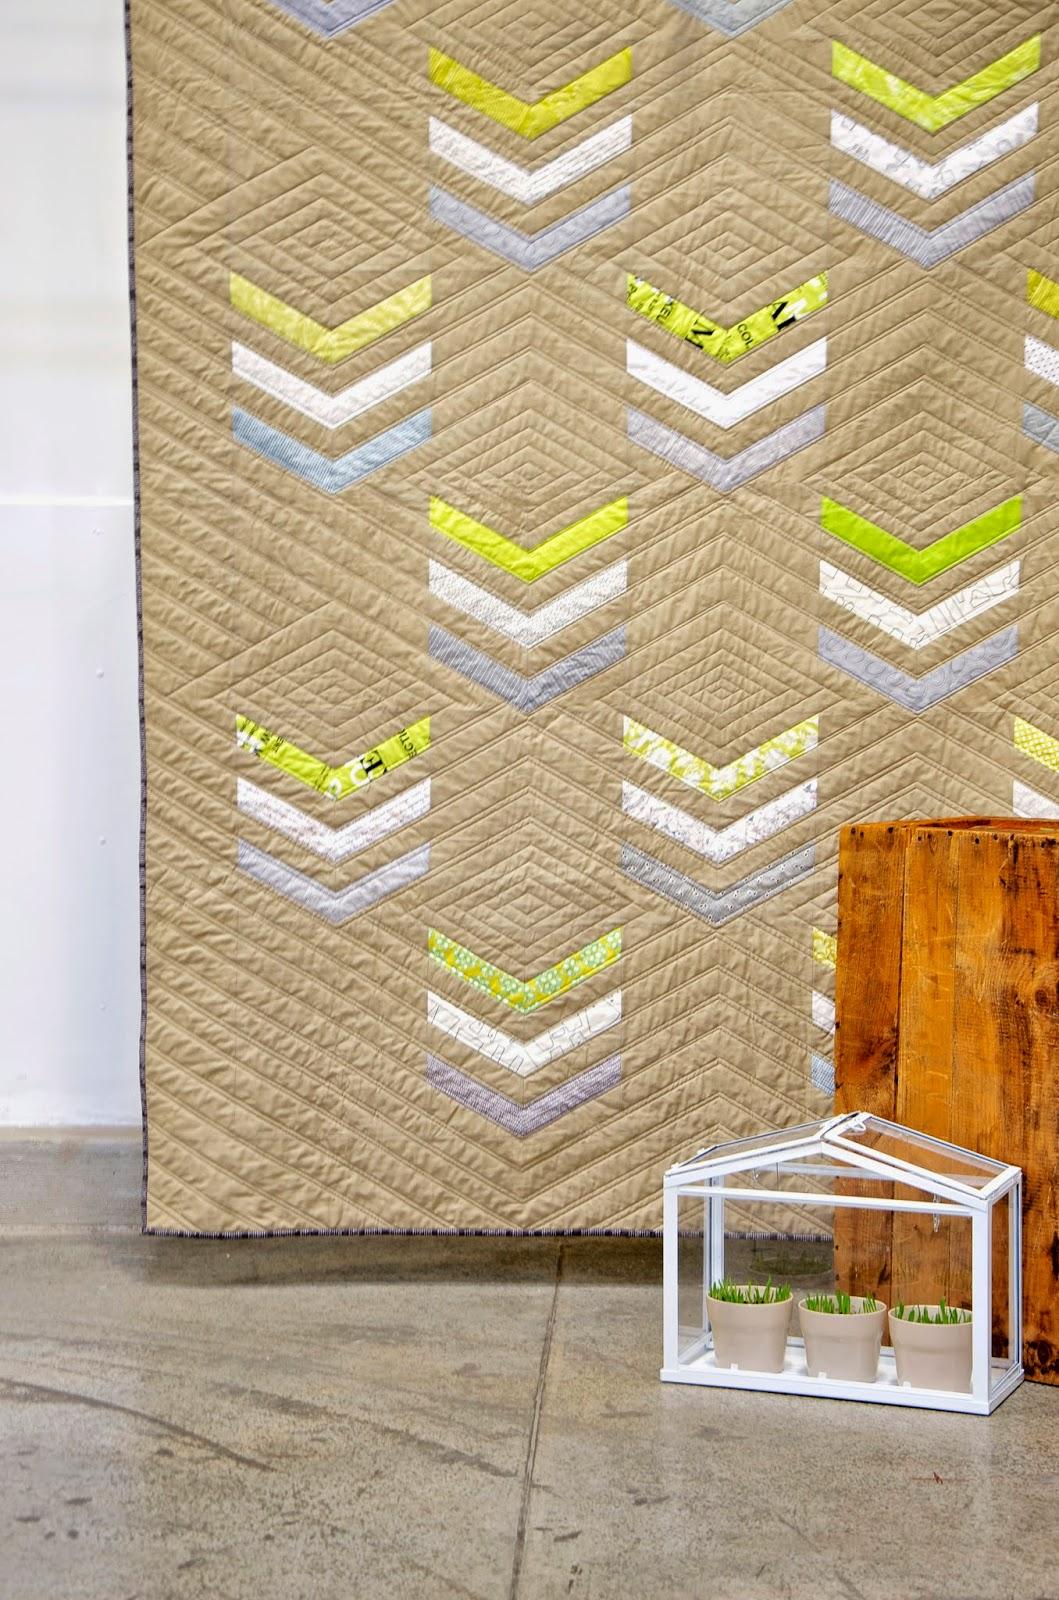 Teaginny Designs: Scraps, Inc.